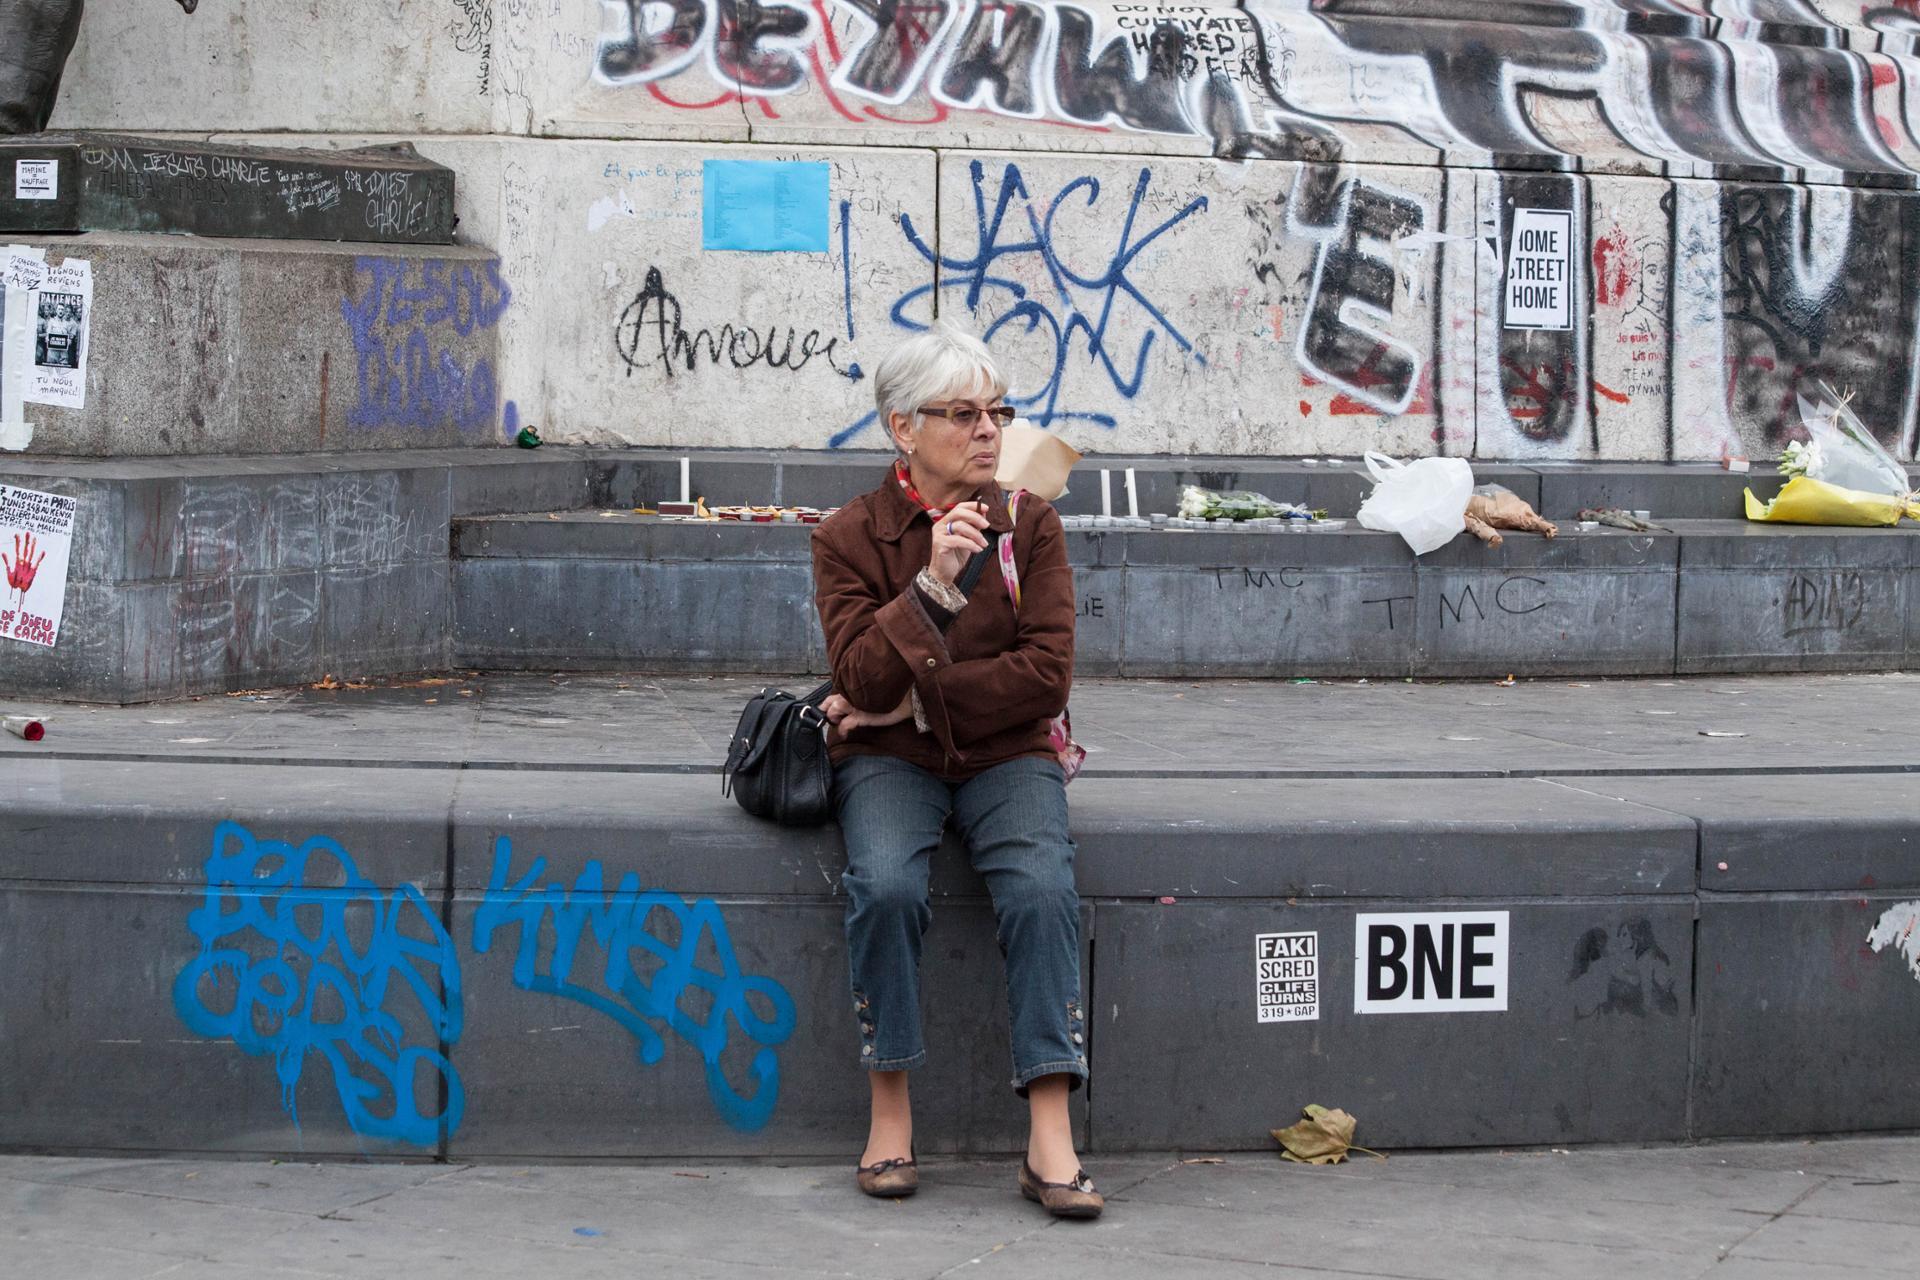 Une dame fumant au pied du monument de la Place de la République le lendemain des attentats de Paris.